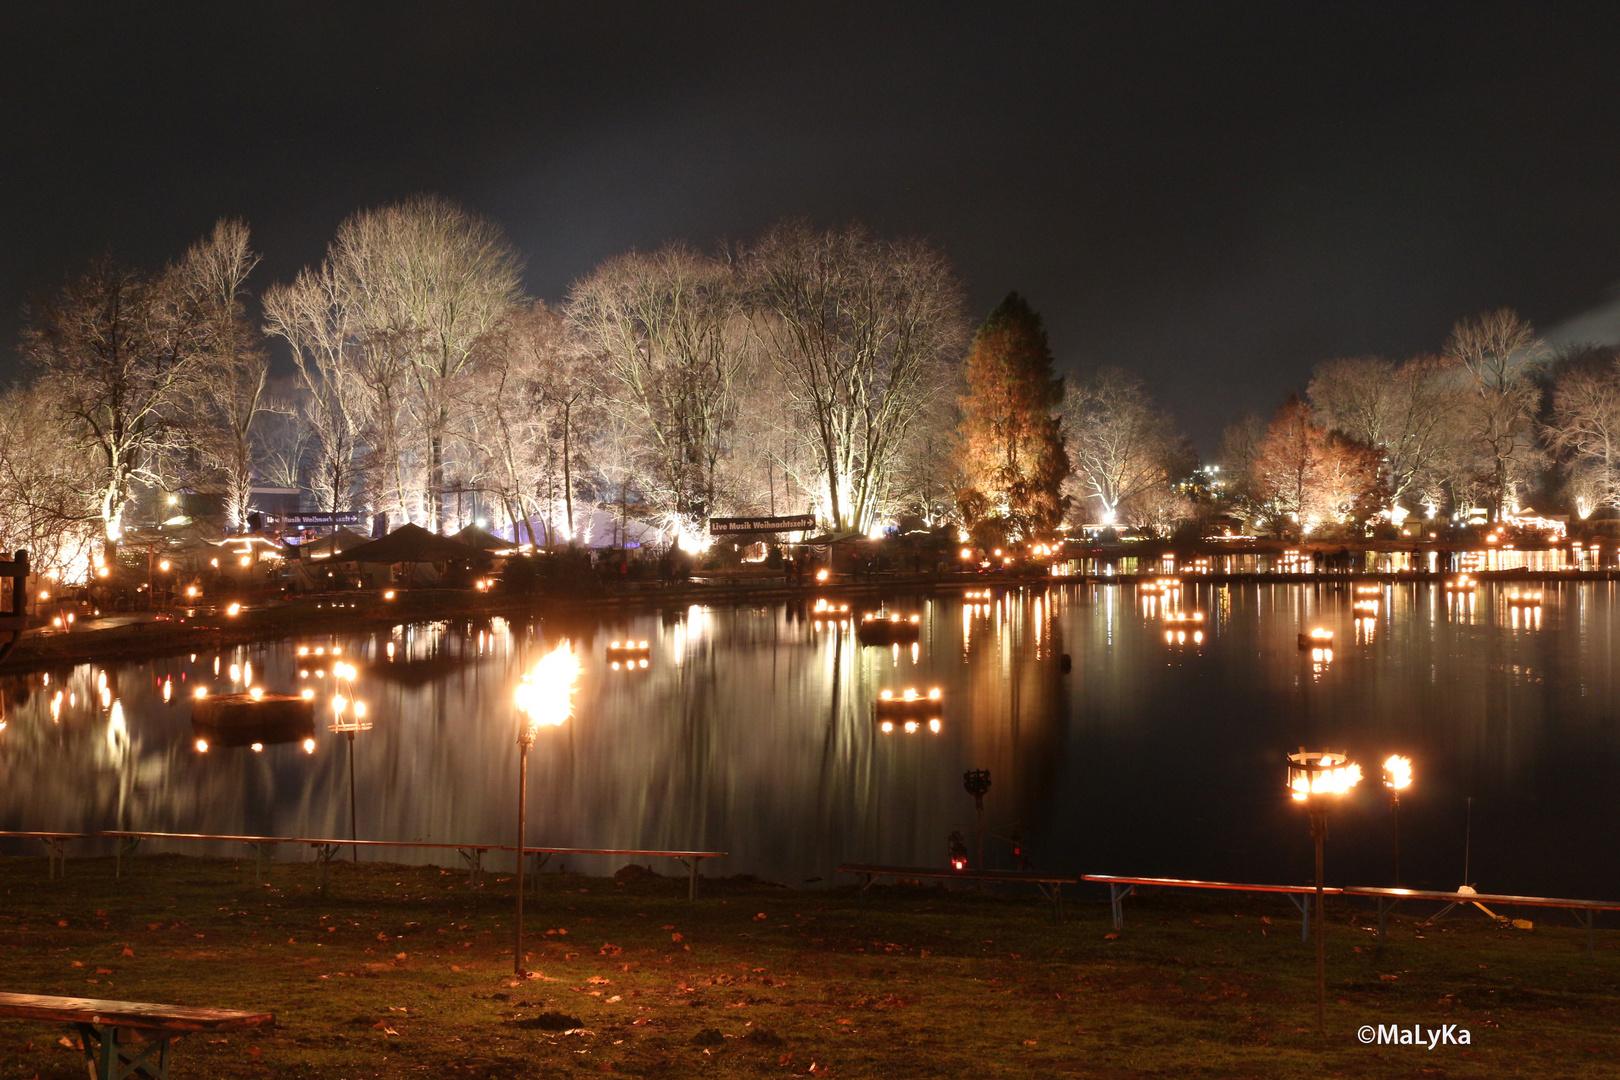 Mittelalter Weihnachtsmarkt Dortmund.Lichterweihnachtsmarkt Fredenbaum Dortmund Foto Bild Landschaft